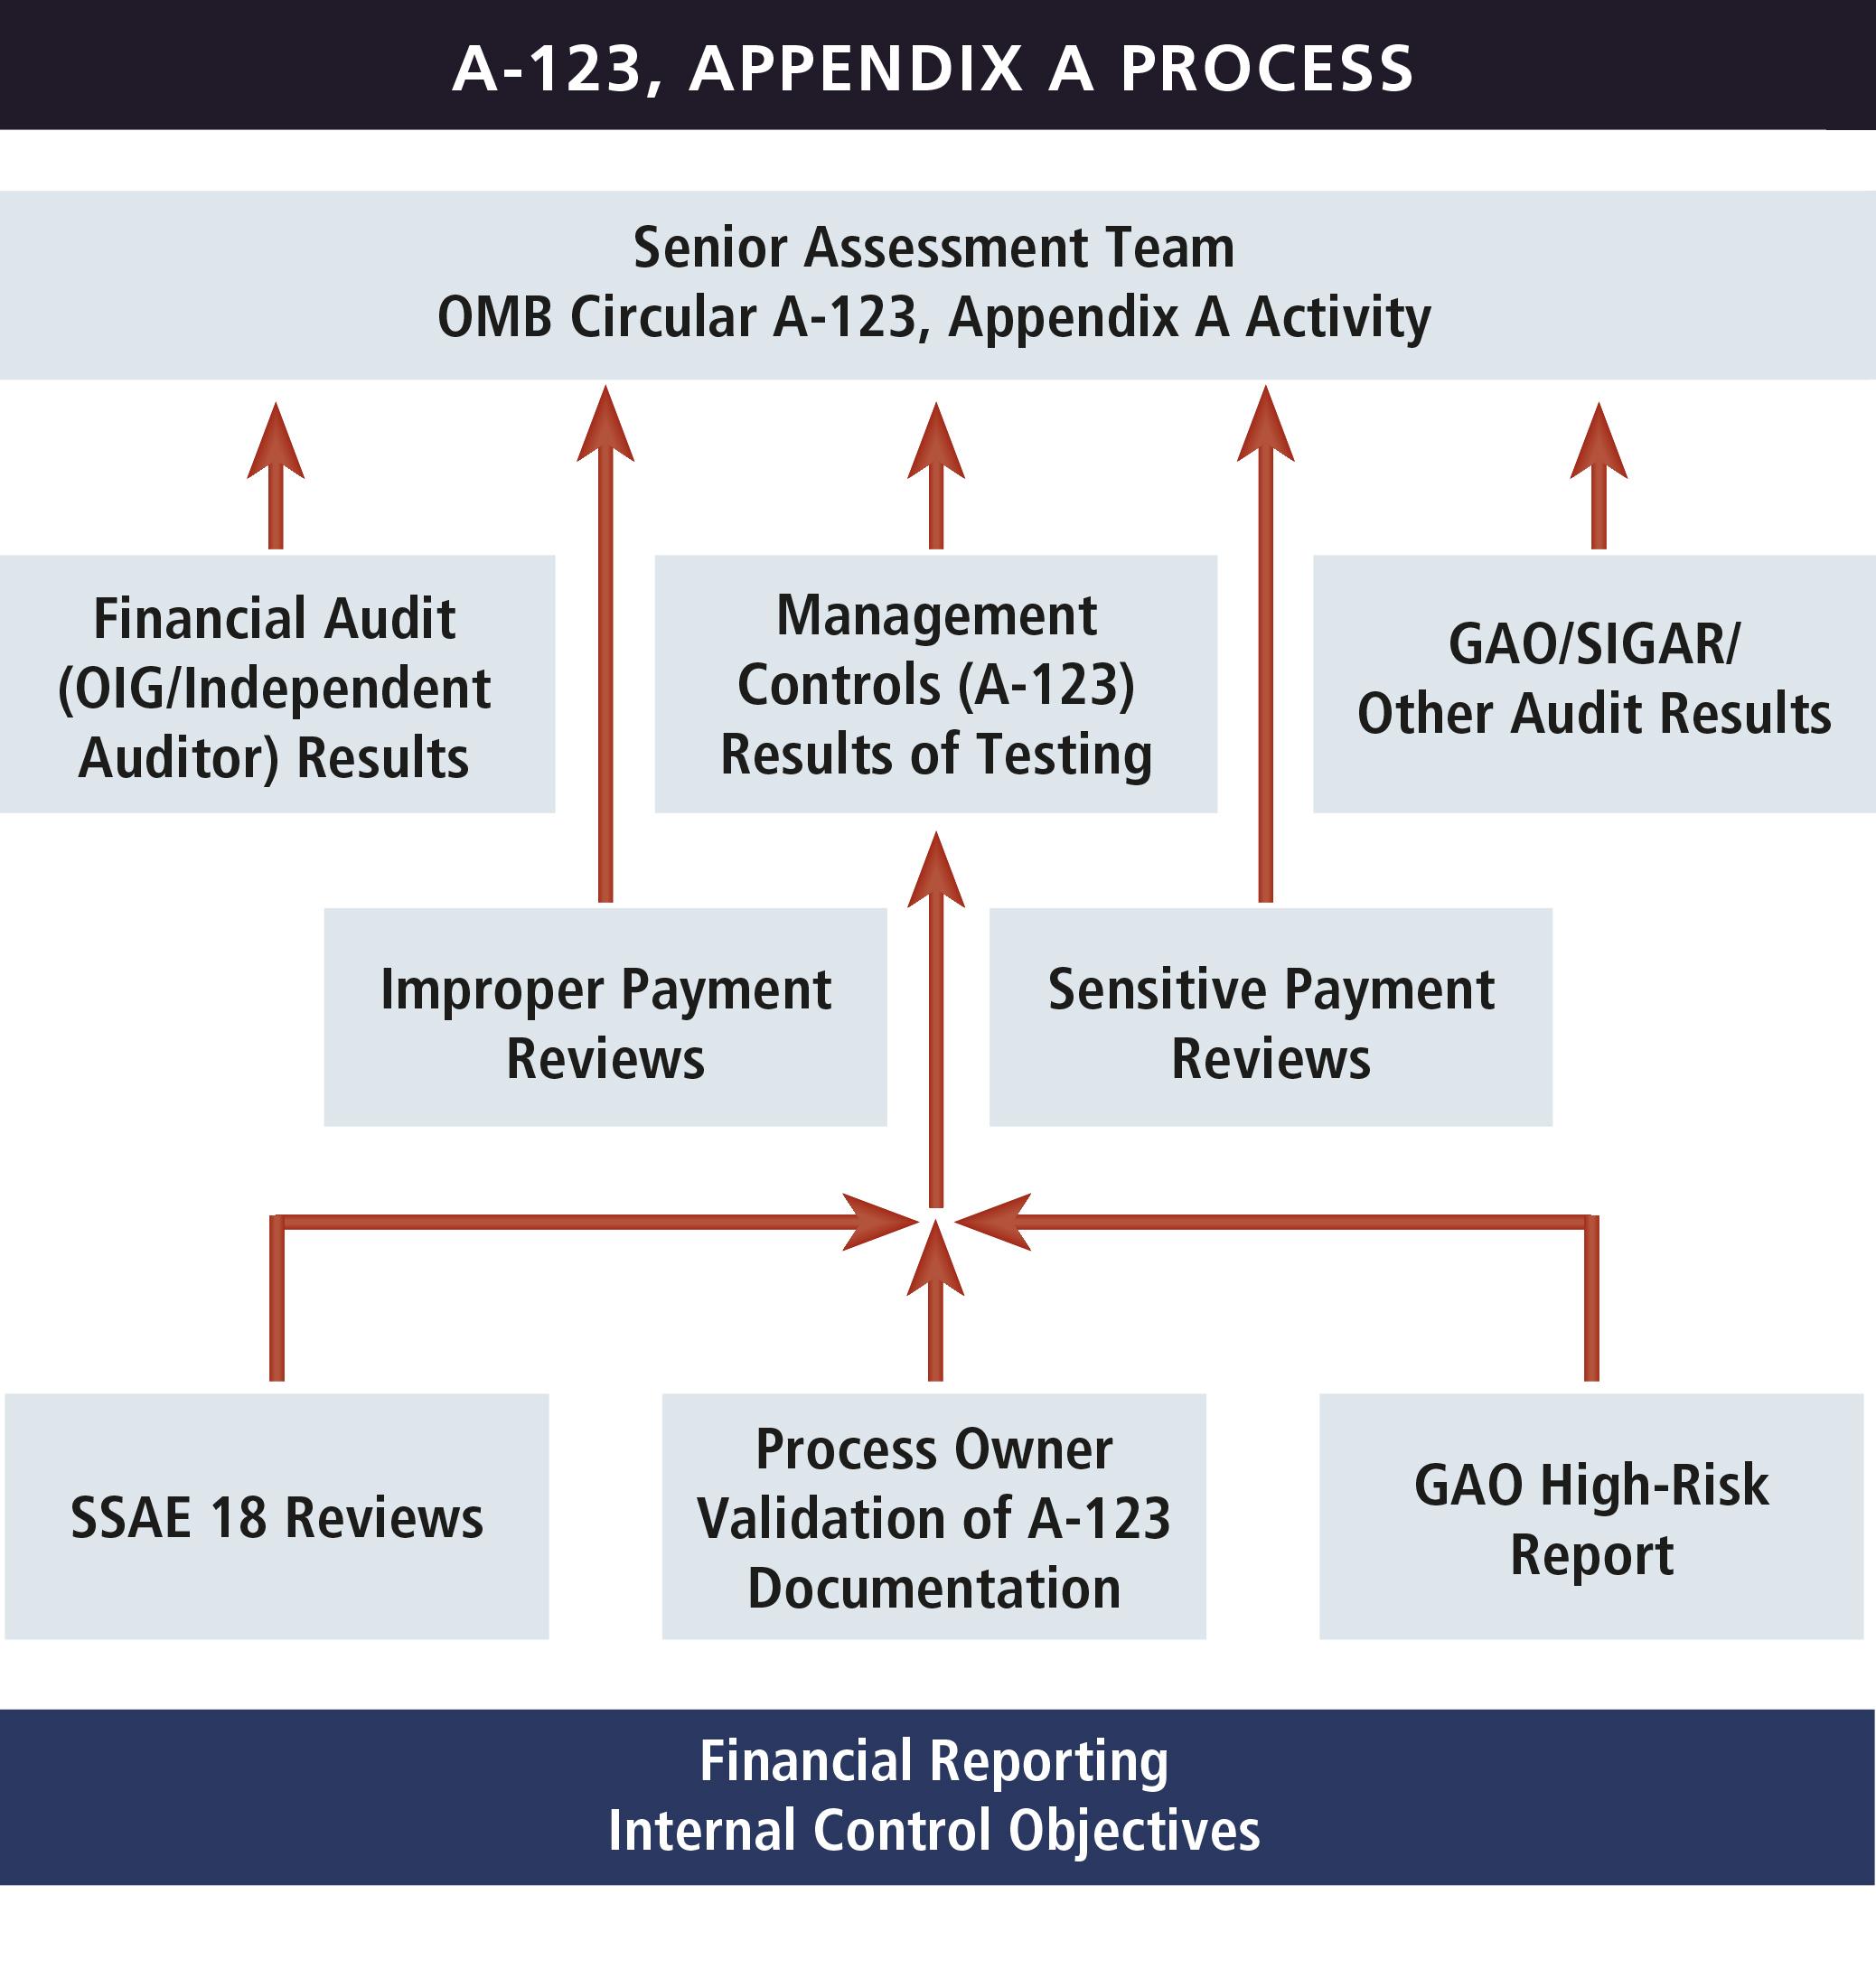 Diagram illustrating the A-123, Appendix A process.